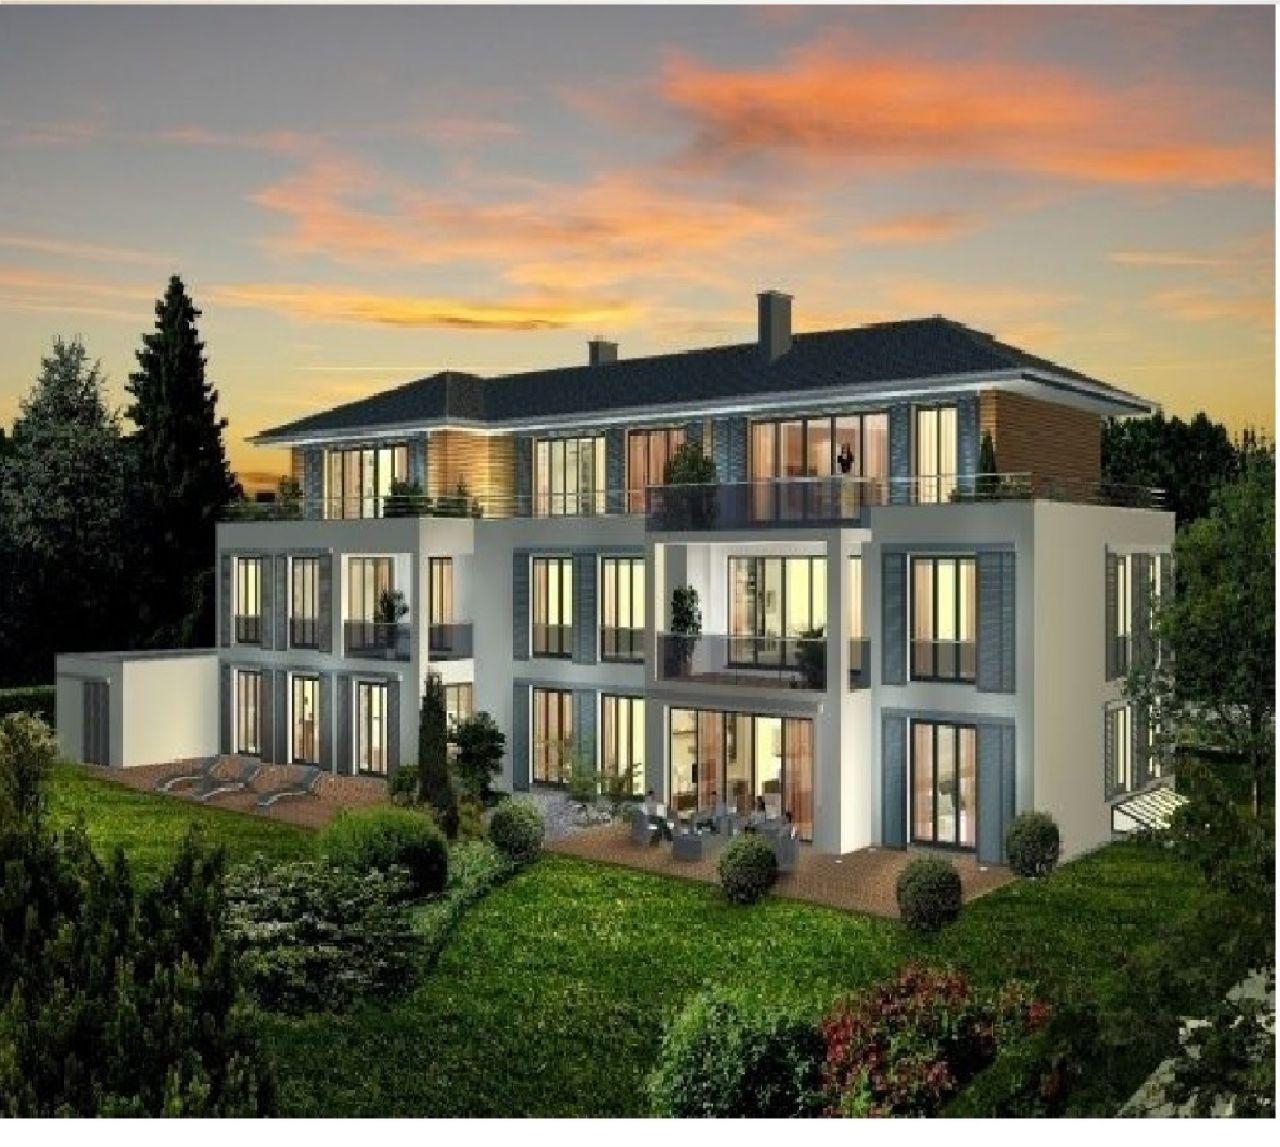 Дома в мюнхене недвижимость марина дубай